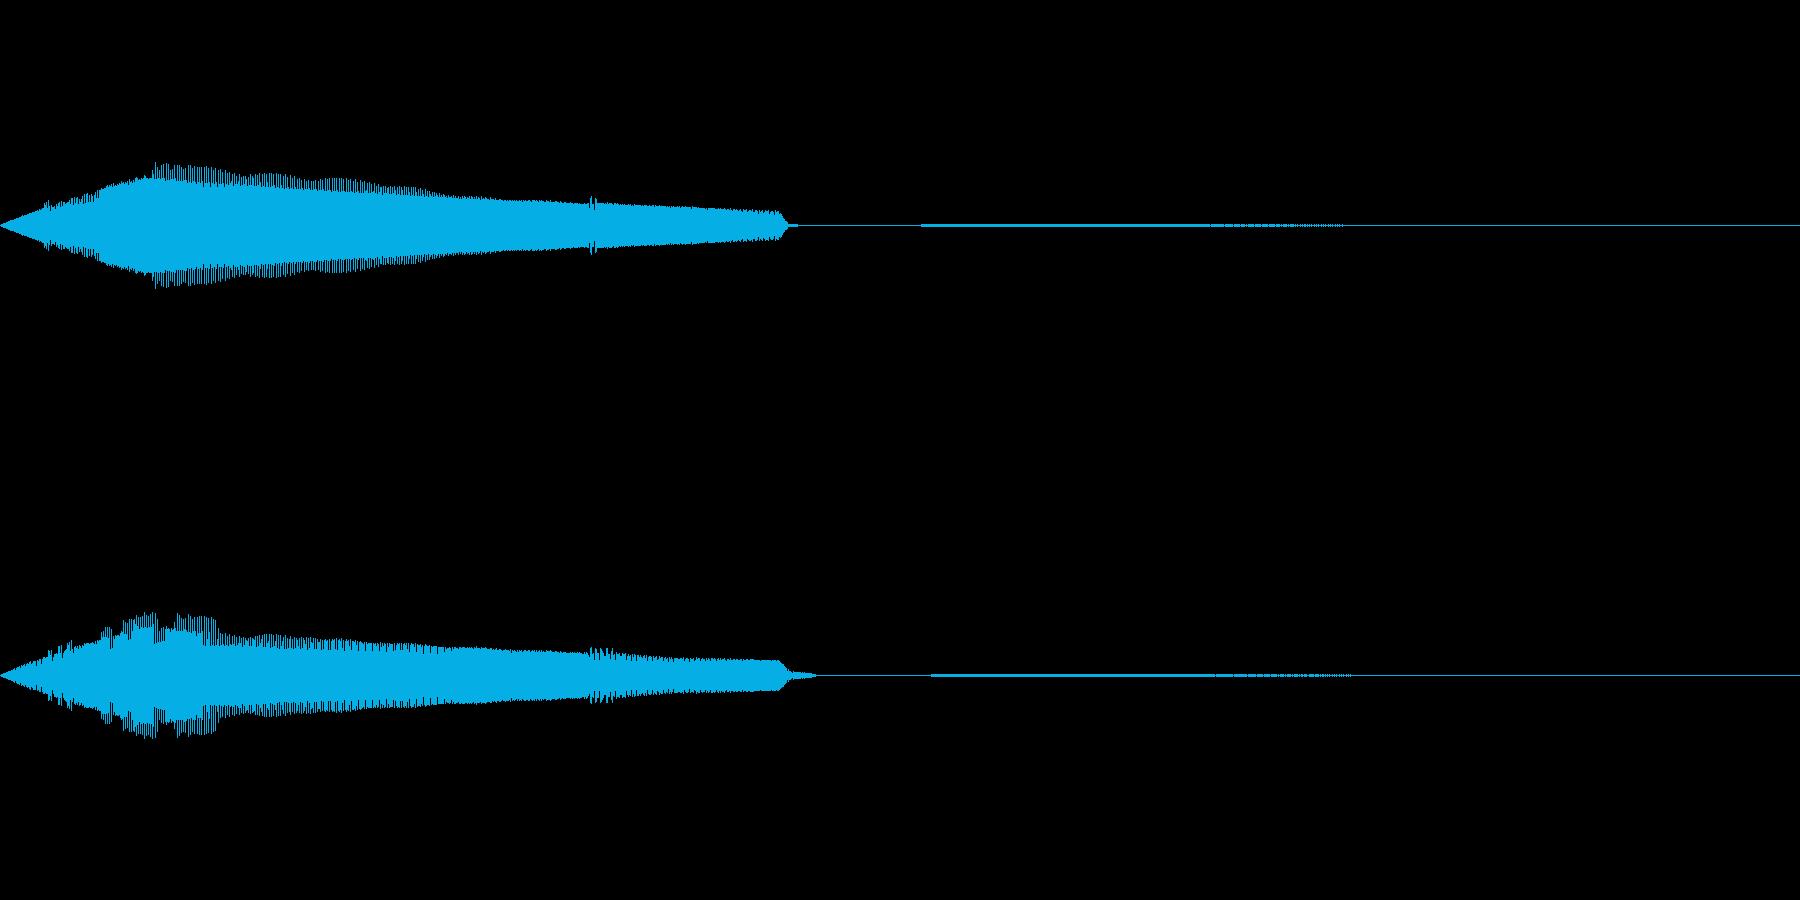 選択(8bit風)の再生済みの波形